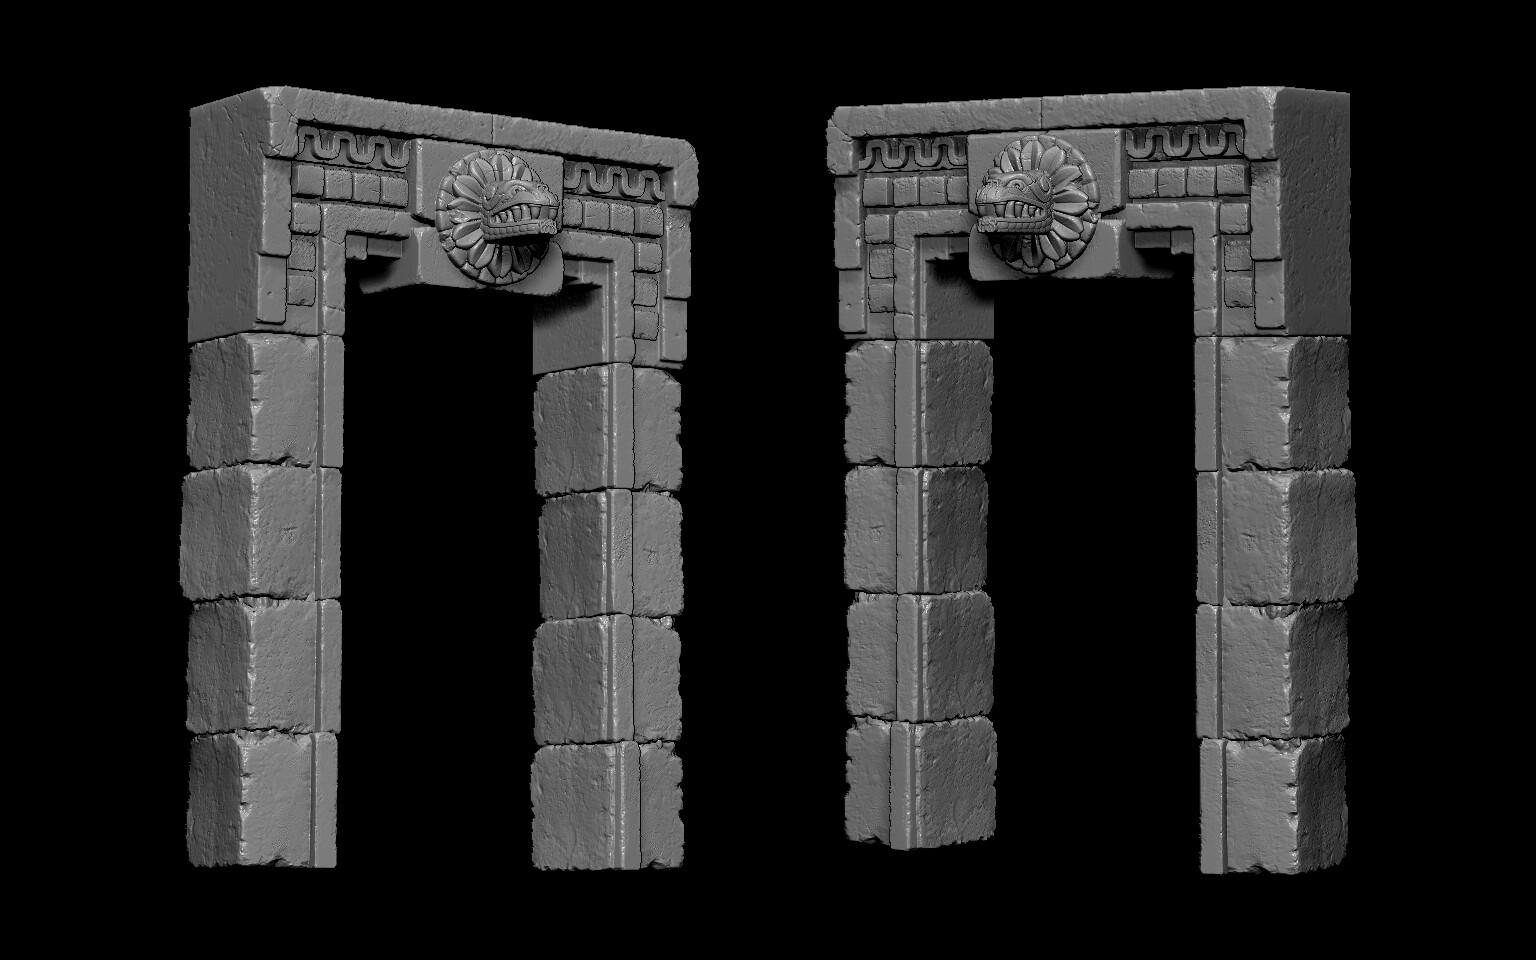 Wayne dalton aztec sculpts 003